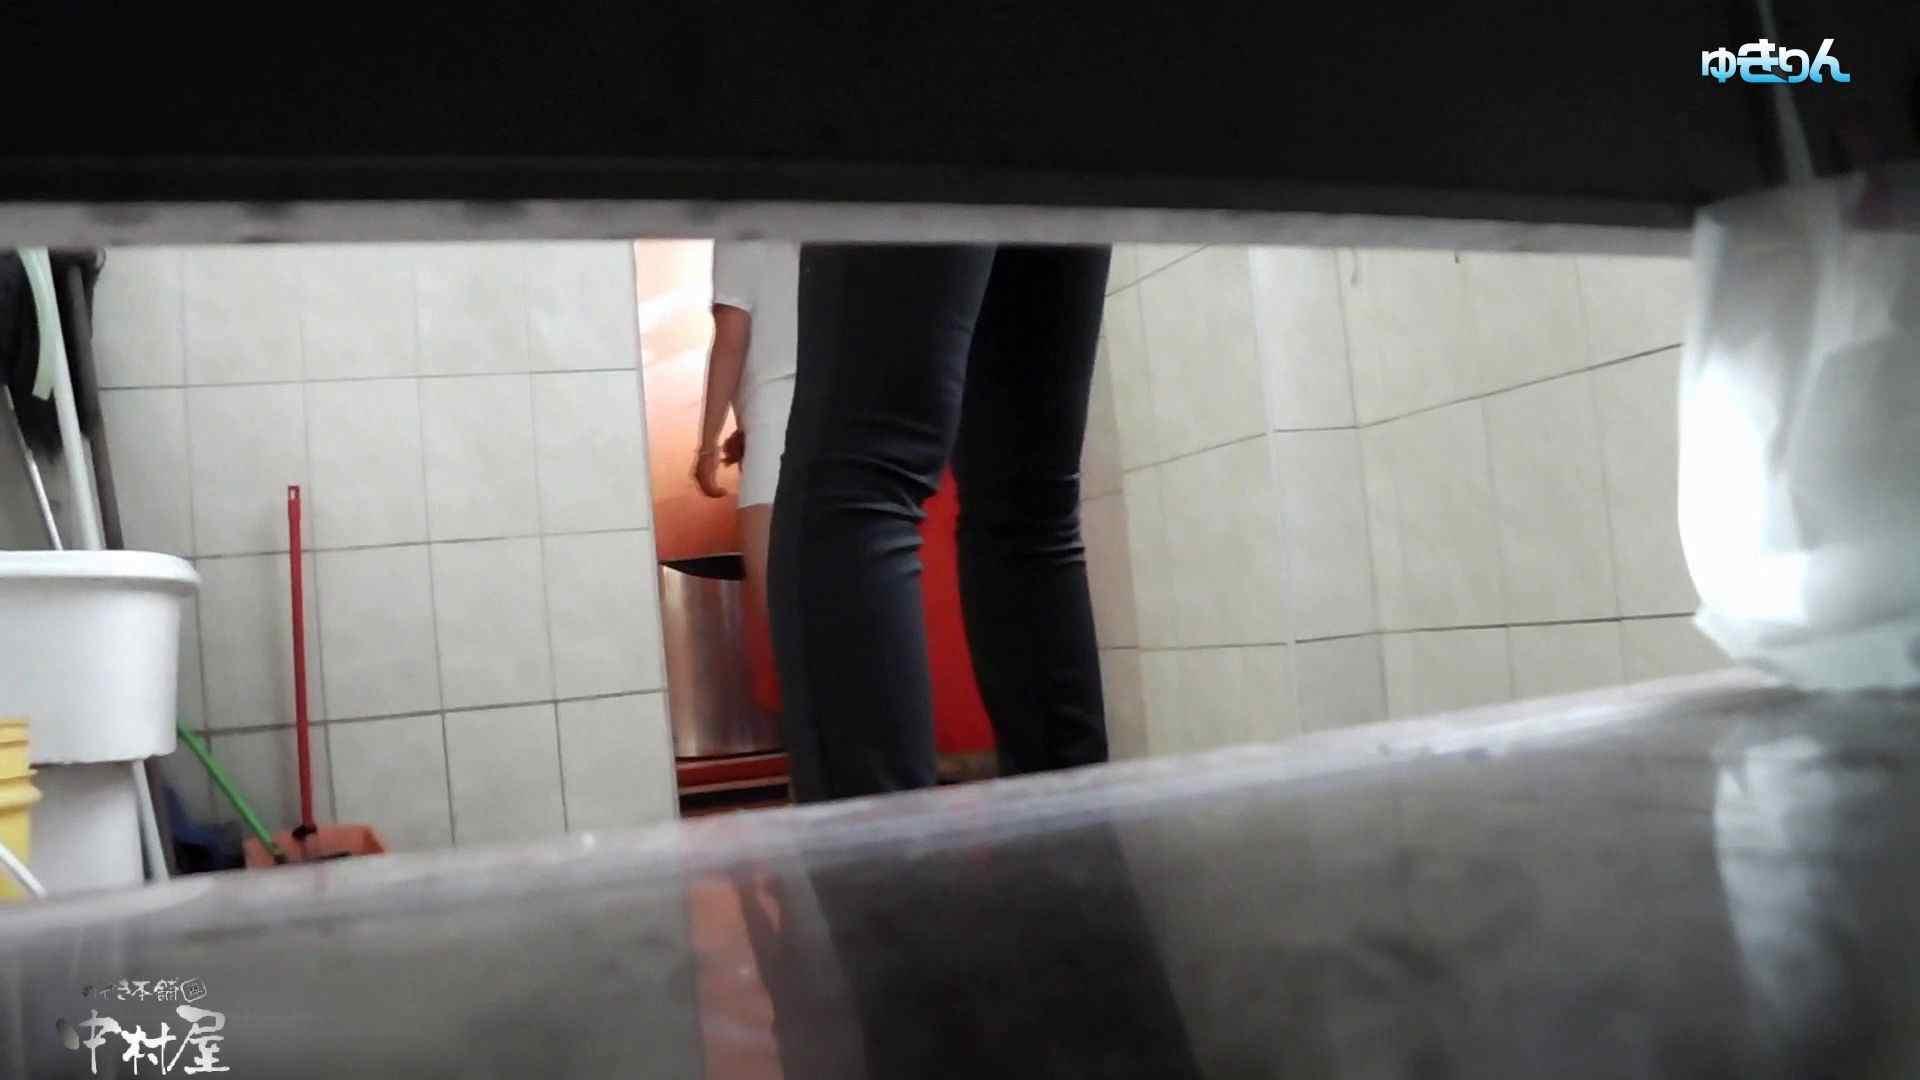 世界の射窓から~ステーション編 vol60 ユキリン粘着撮り!!今回はタイトなパンツが似合う美女 美女丸裸 | 美しいOLの裸体  100pic 75